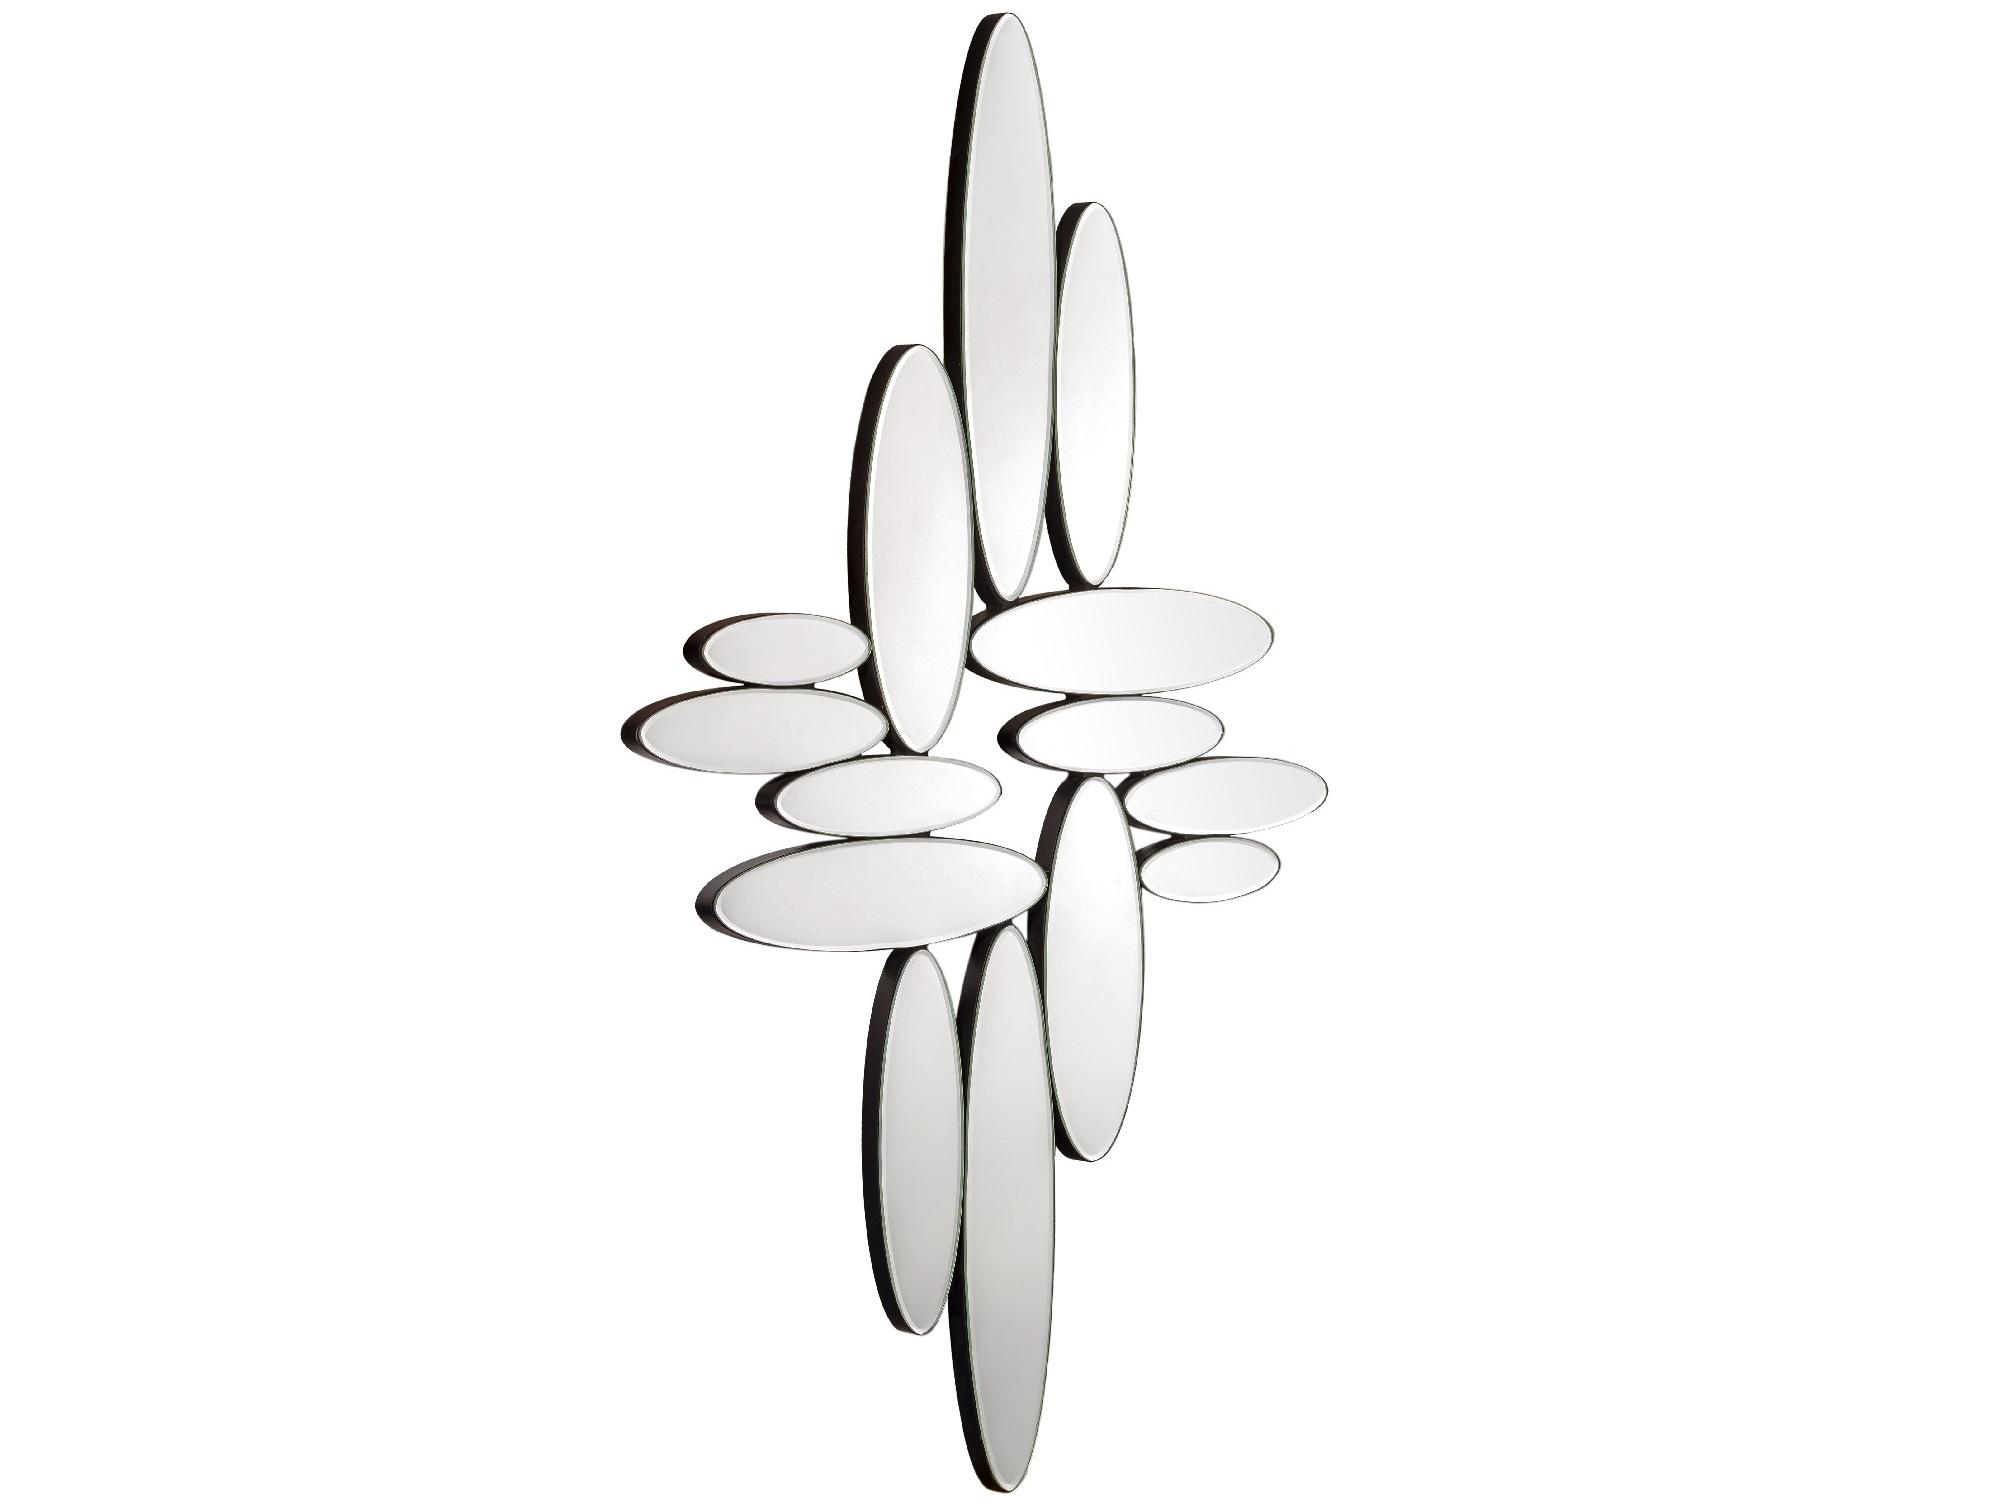 Декоративное зеркало CosmicНастенные зеркала<br>Зеркало &amp;quot;Cosmic&amp;quot; ? настоящий арт-объект, который превосходно впишется в современные интерьеры. Обтекаемые формы, составленные множеством овальных элементов, прекрасны в своем эклектичном естестве. Композиция специально лишена отделки, ведь главный акцент в ней делается на уникальных пропорциях. Хаотичные и гармоничные в своей асимметрии, они завораживают и притягивают взгляд. В любовании космическими, немного эпатажными очертаниями можно обрести настоящее блаженство...<br><br>Material: Стекло<br>Width см: 66<br>Depth см: 5